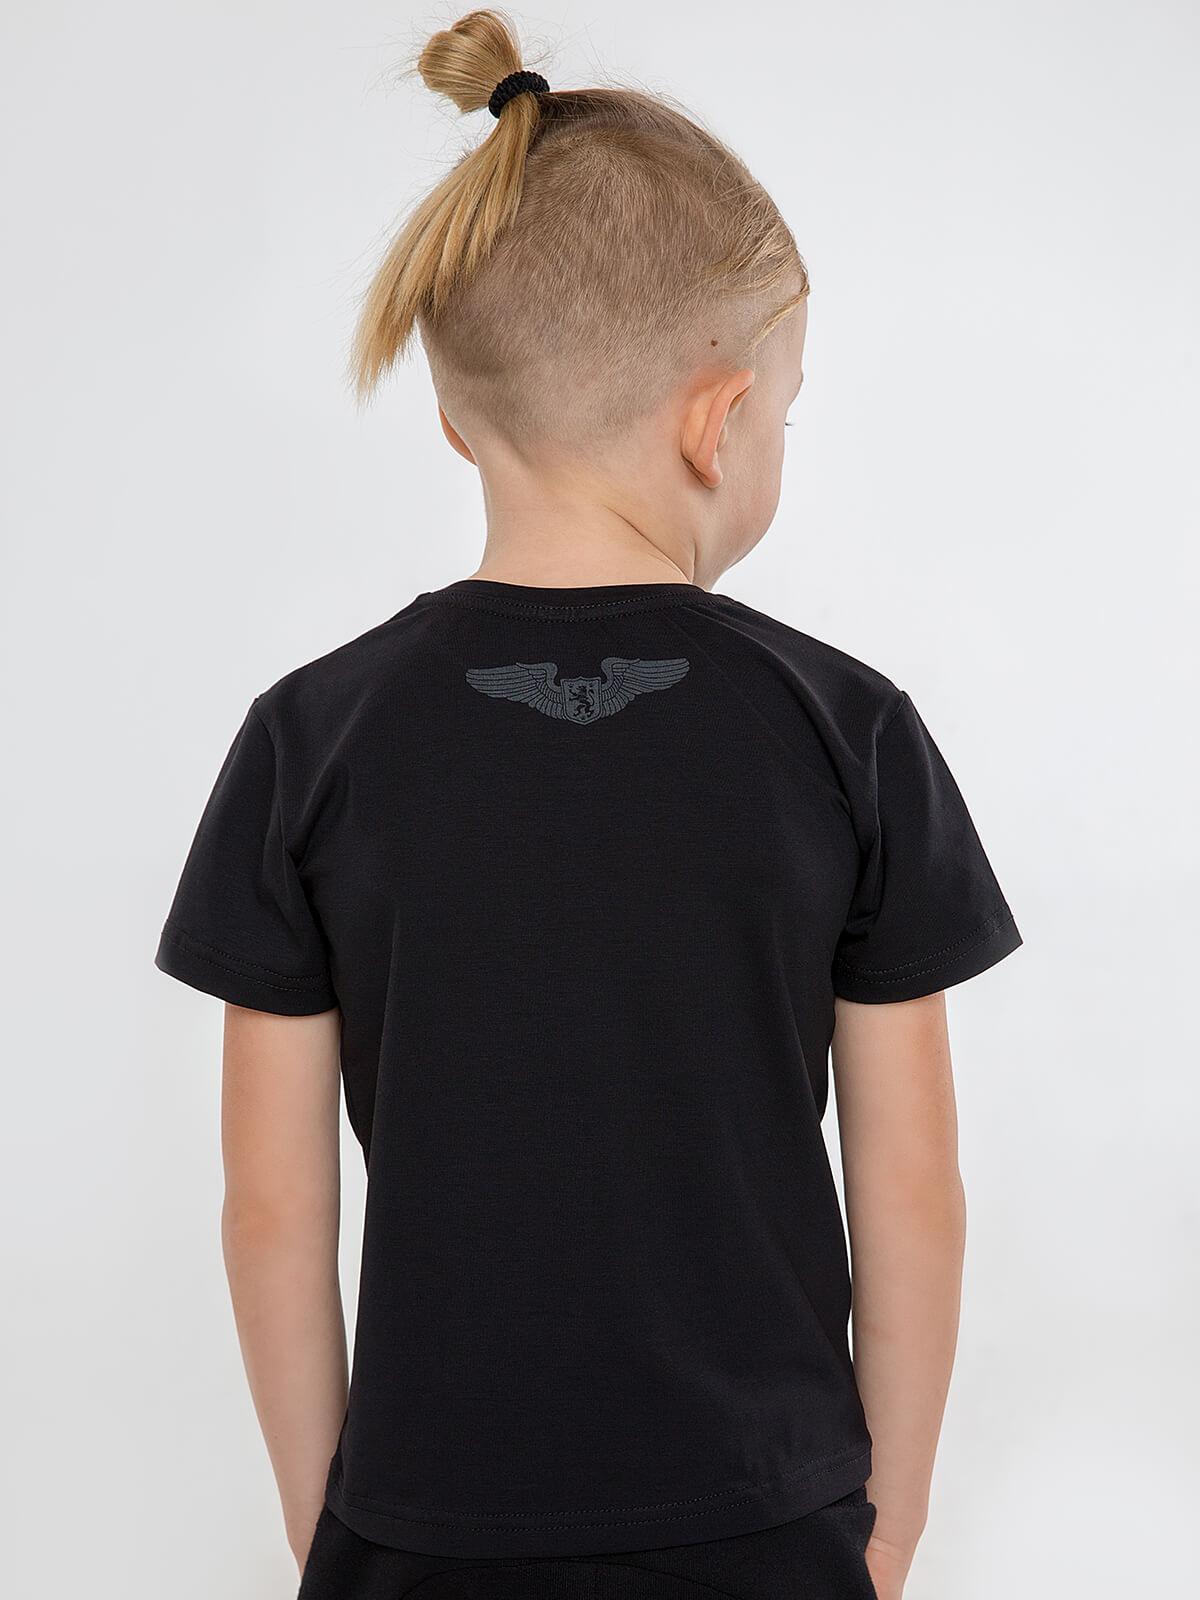 Kids T-Shirt Roundel. Color black.  Material: 95% cotton, 5% spandex.